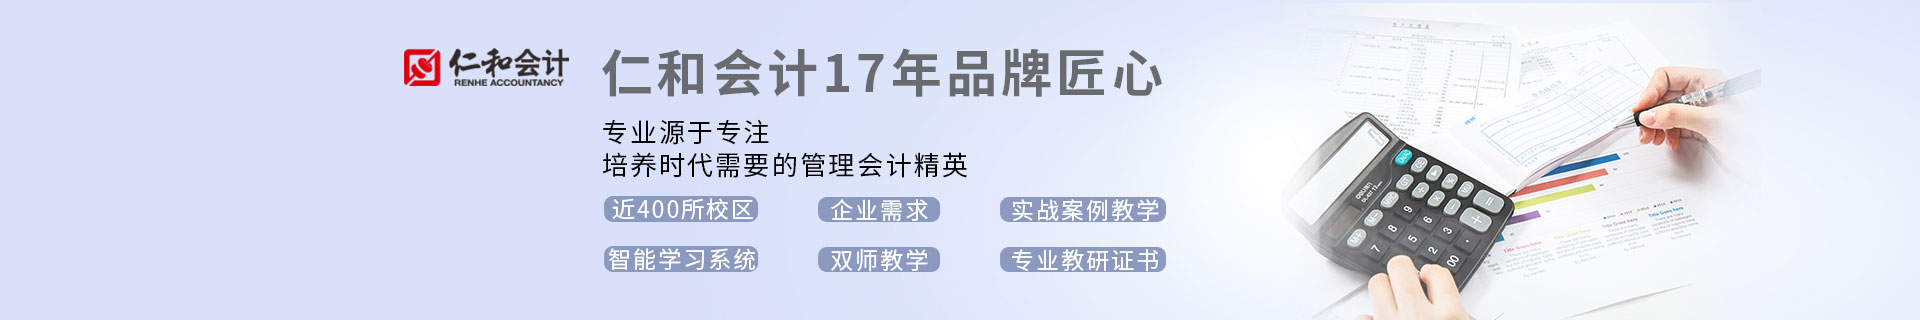 萍乡安源仁和会计培训机构